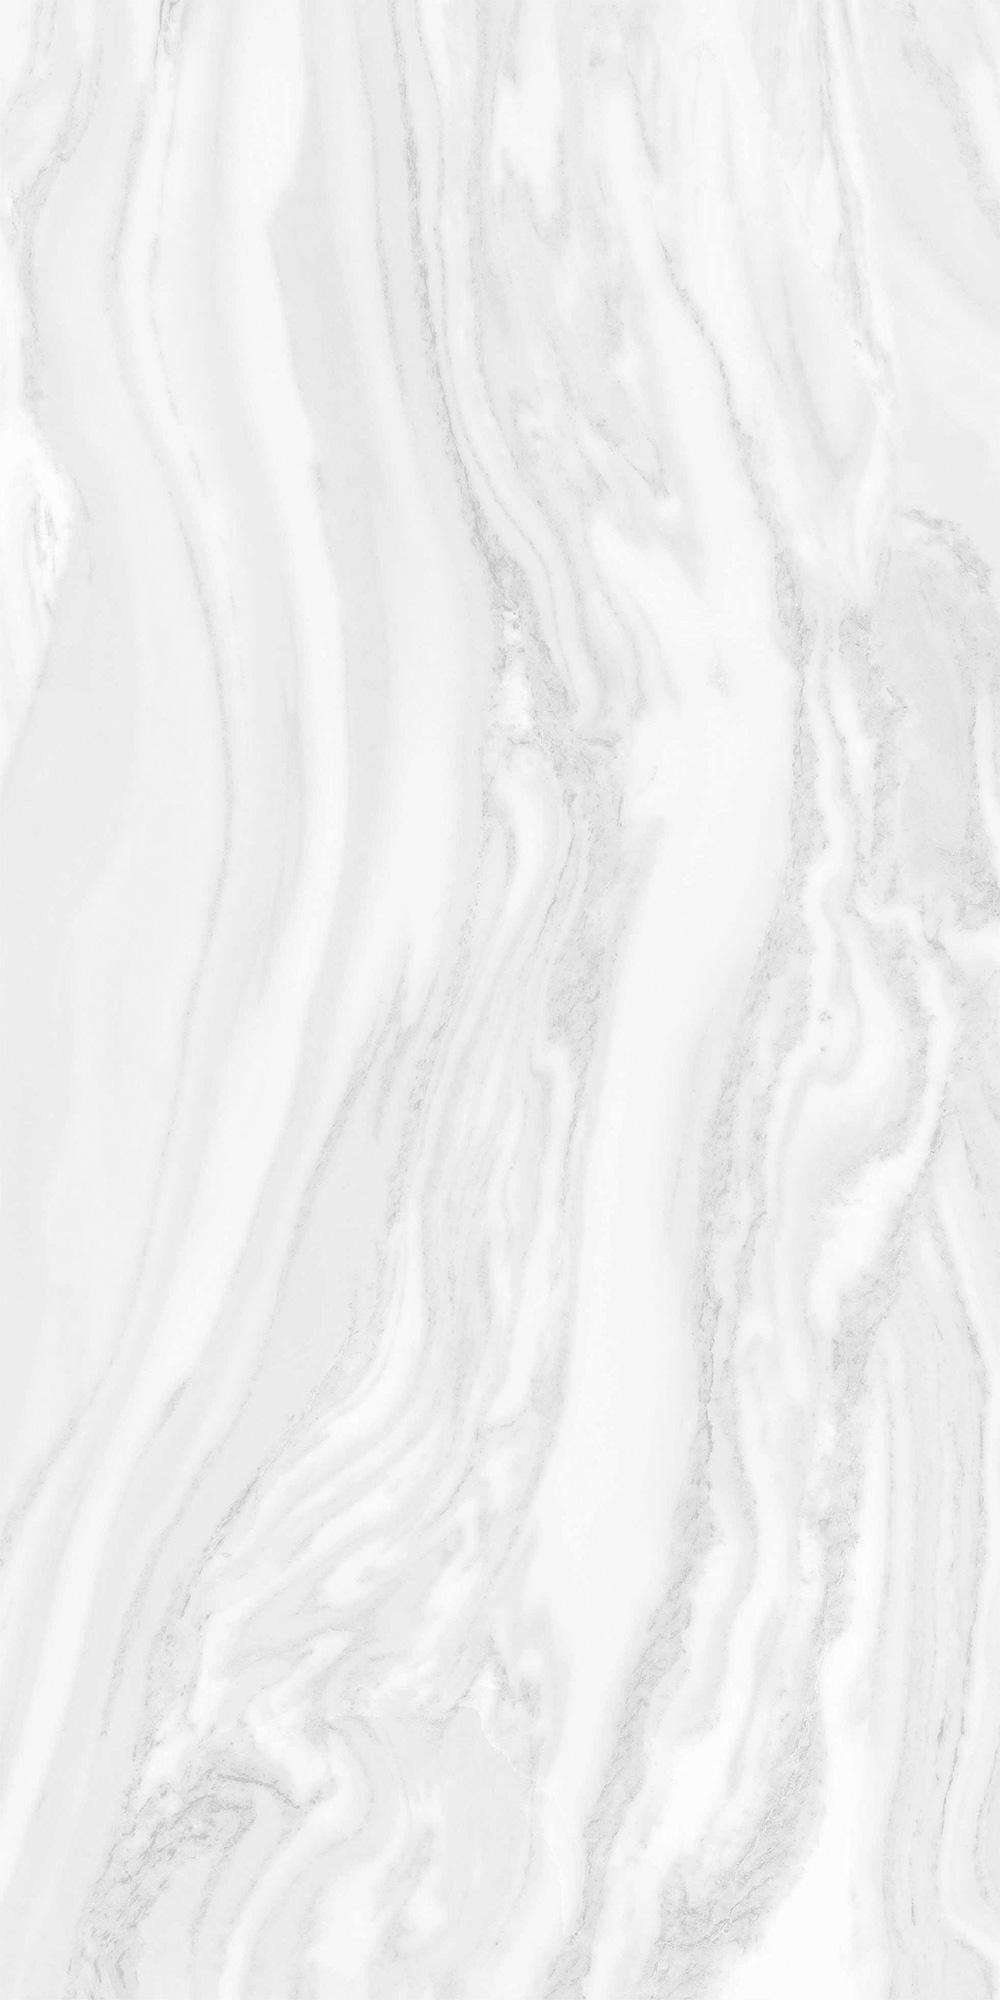 水云纱HFBG80001,800x800;HFBG26001,600x1200